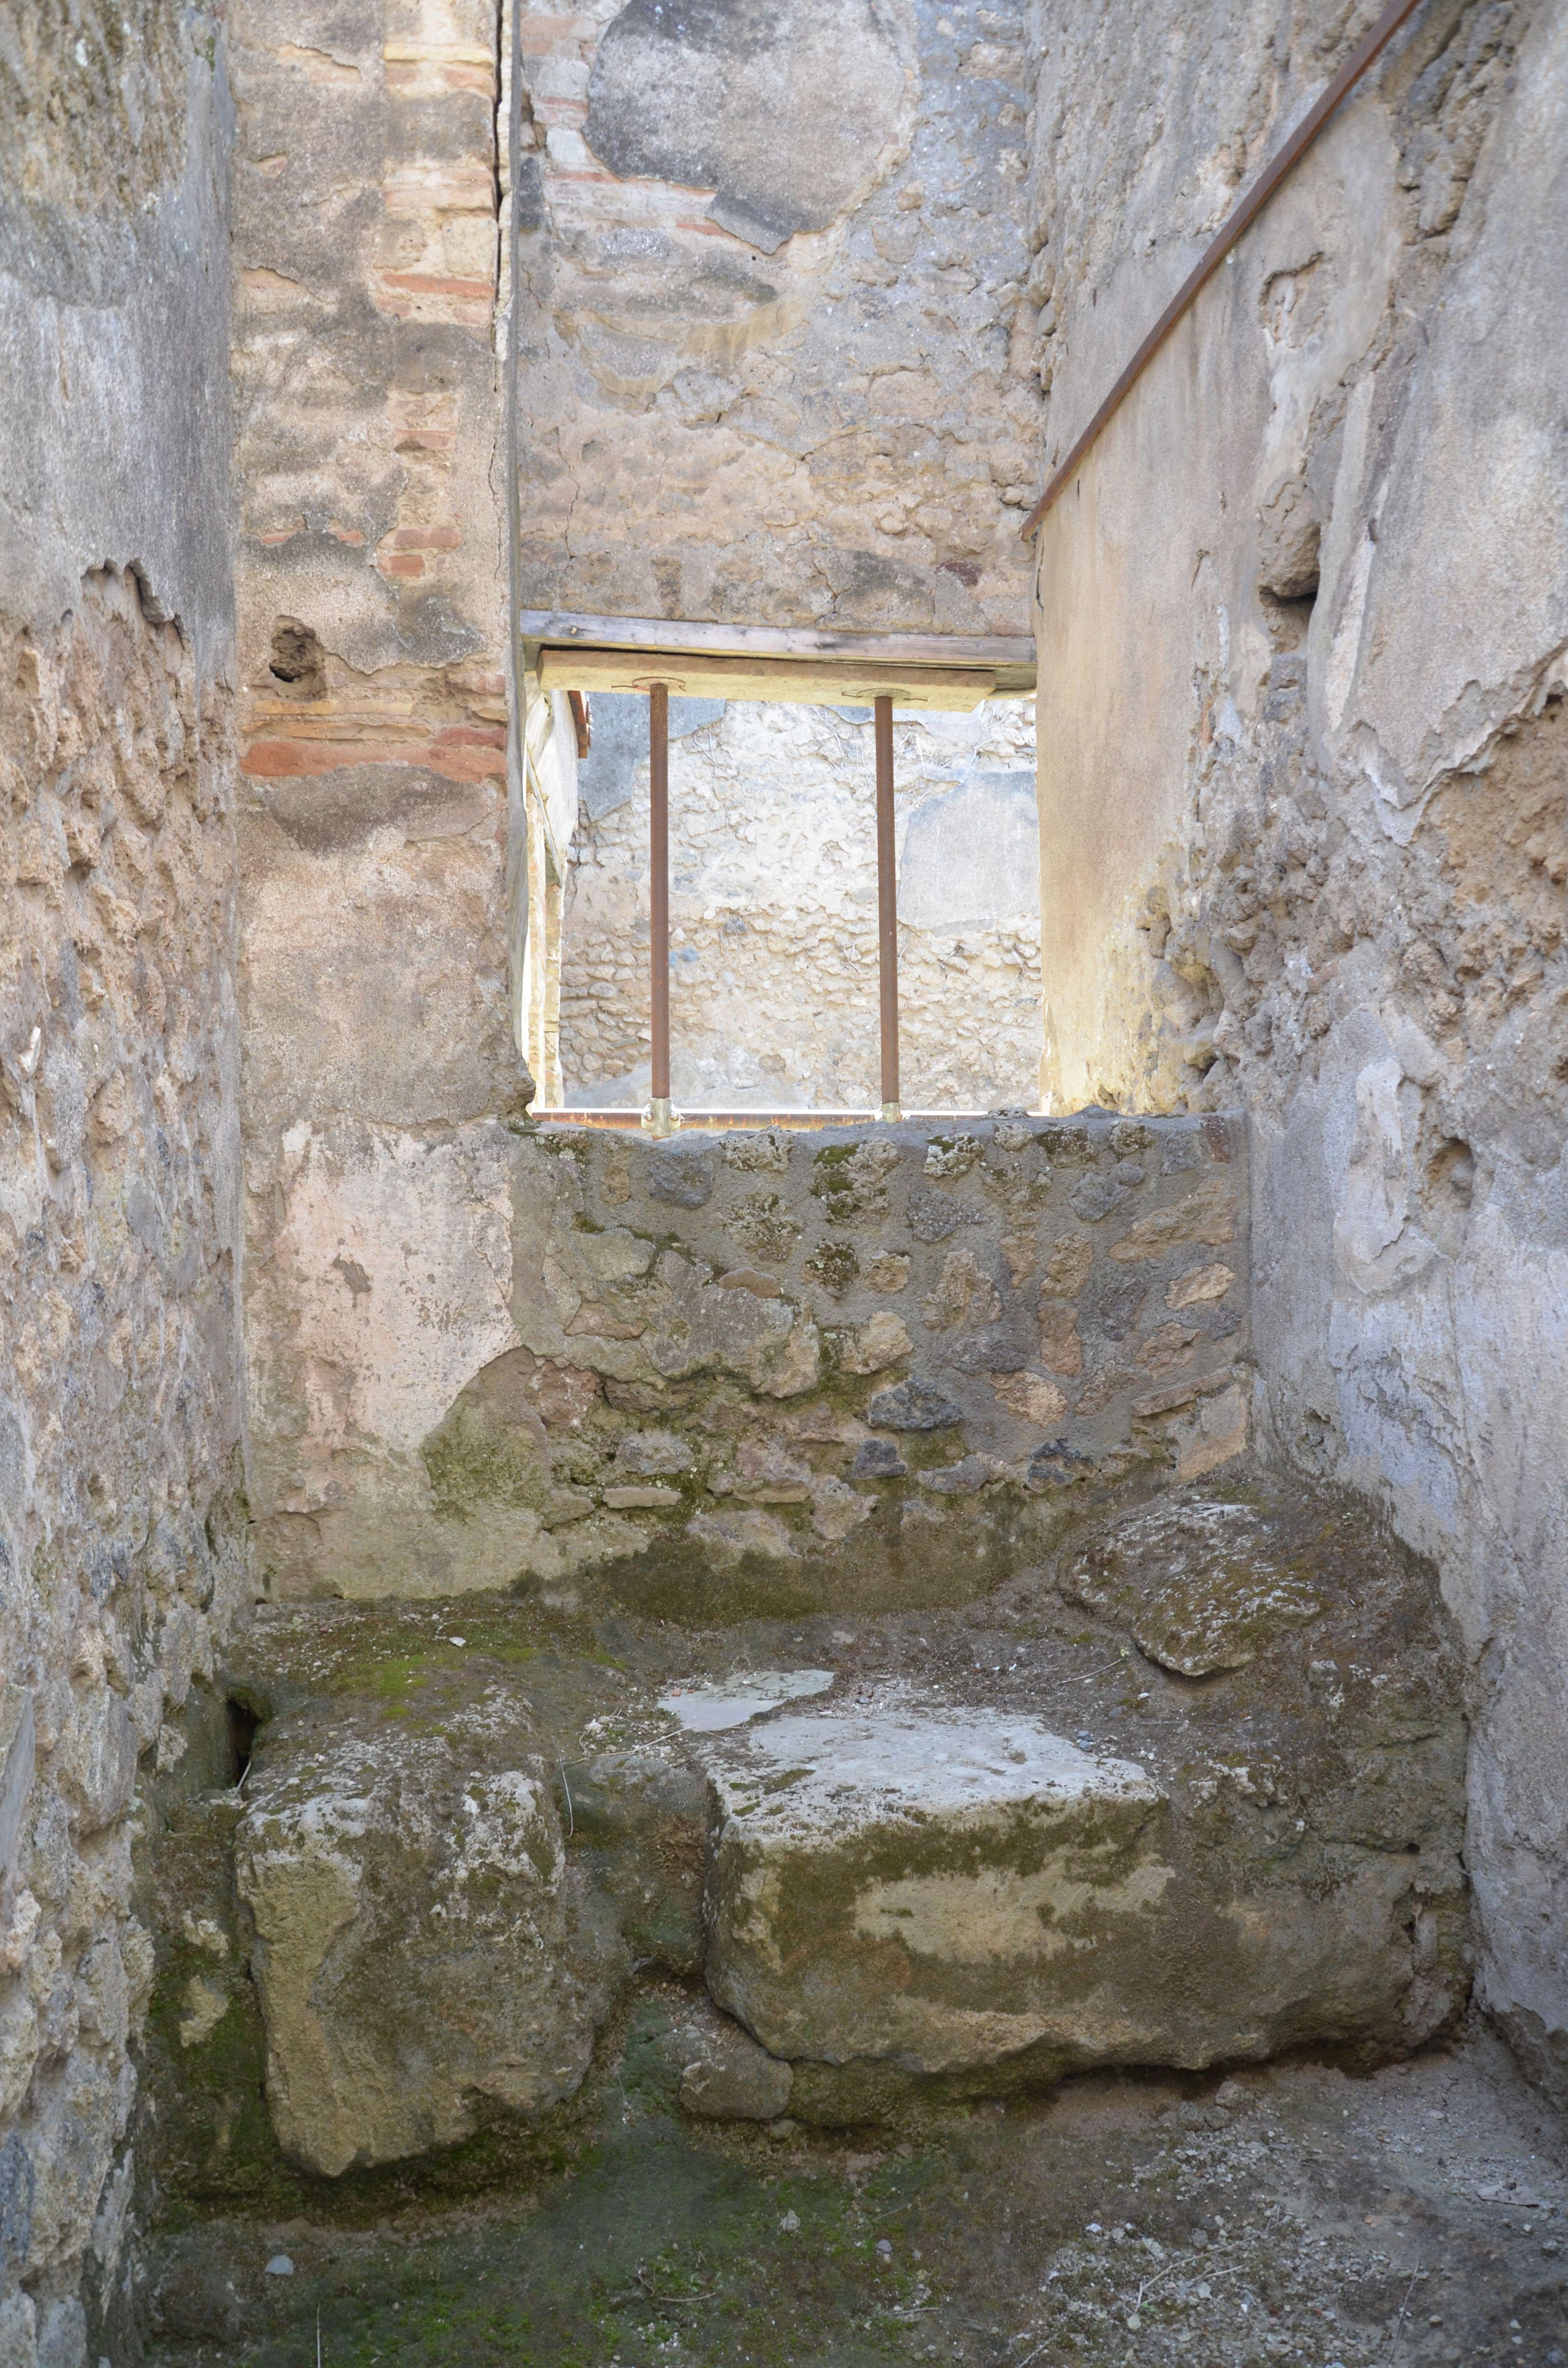 FileThe Lupanar of Pompeii Pompeii 20905602680jpg